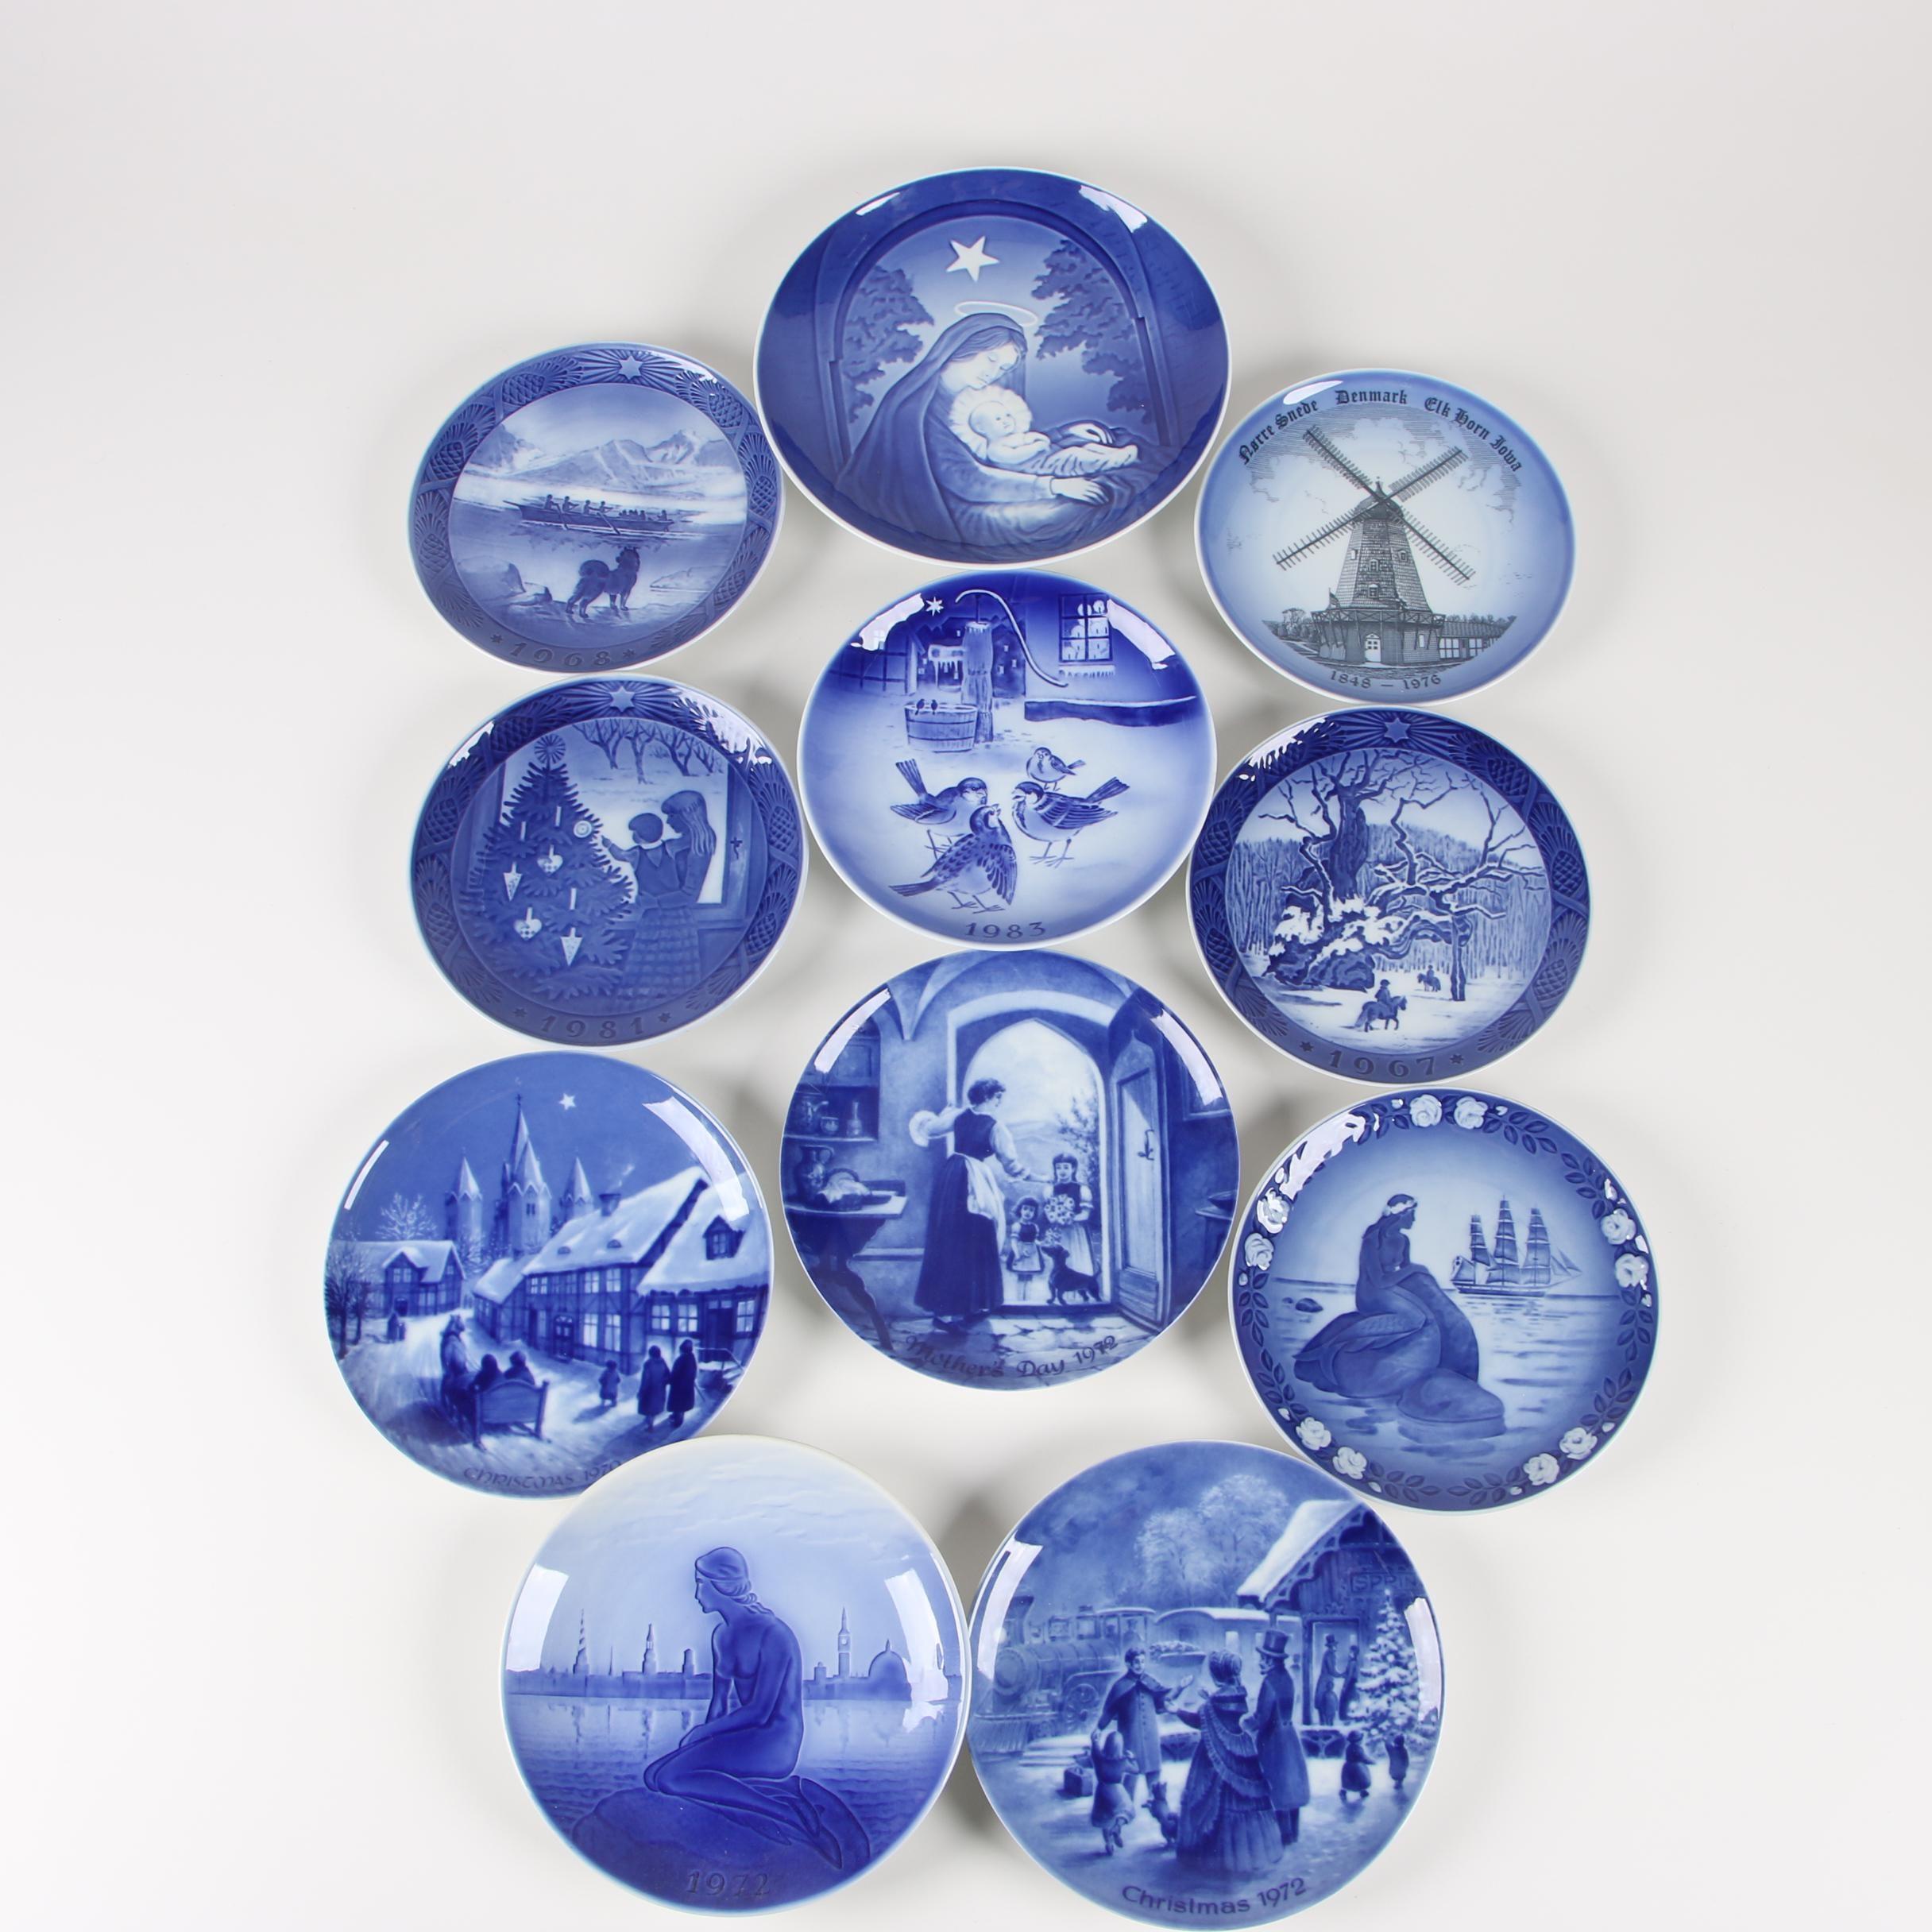 Vintage Porcelain Plates including Royal Copenhagen and Bing & Grøndahl